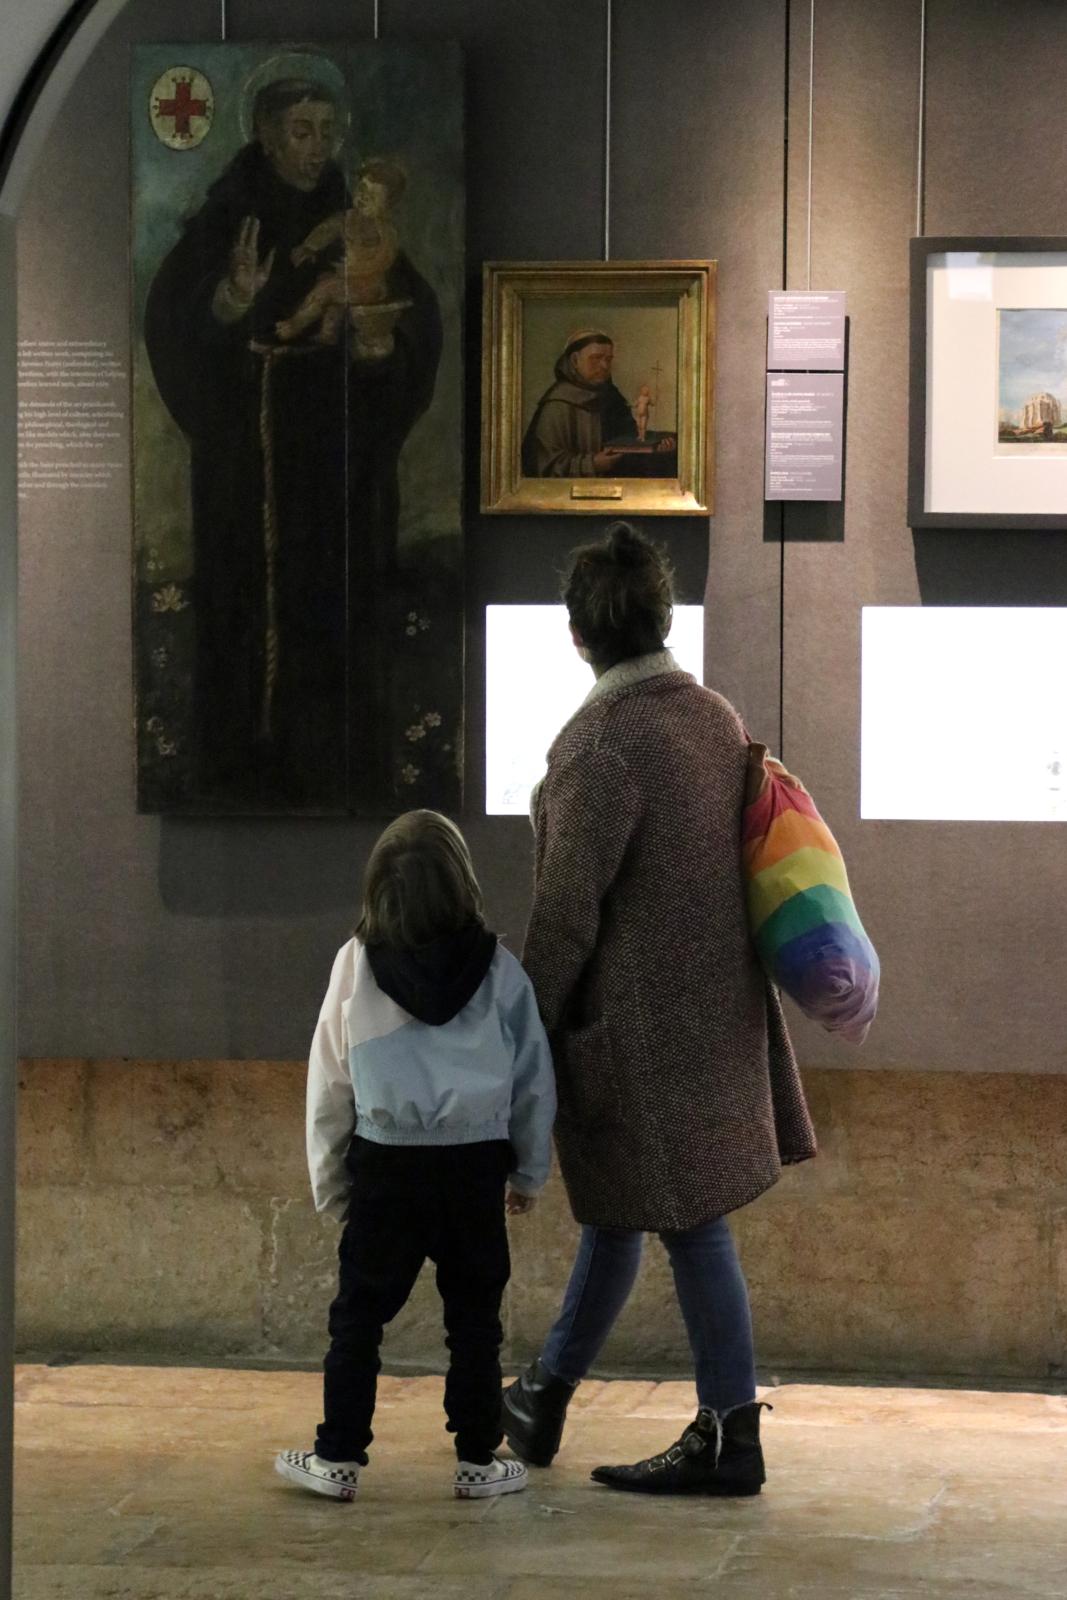 Mãe e filho no Museu a olhar para duas pinturas representativas de Santo António